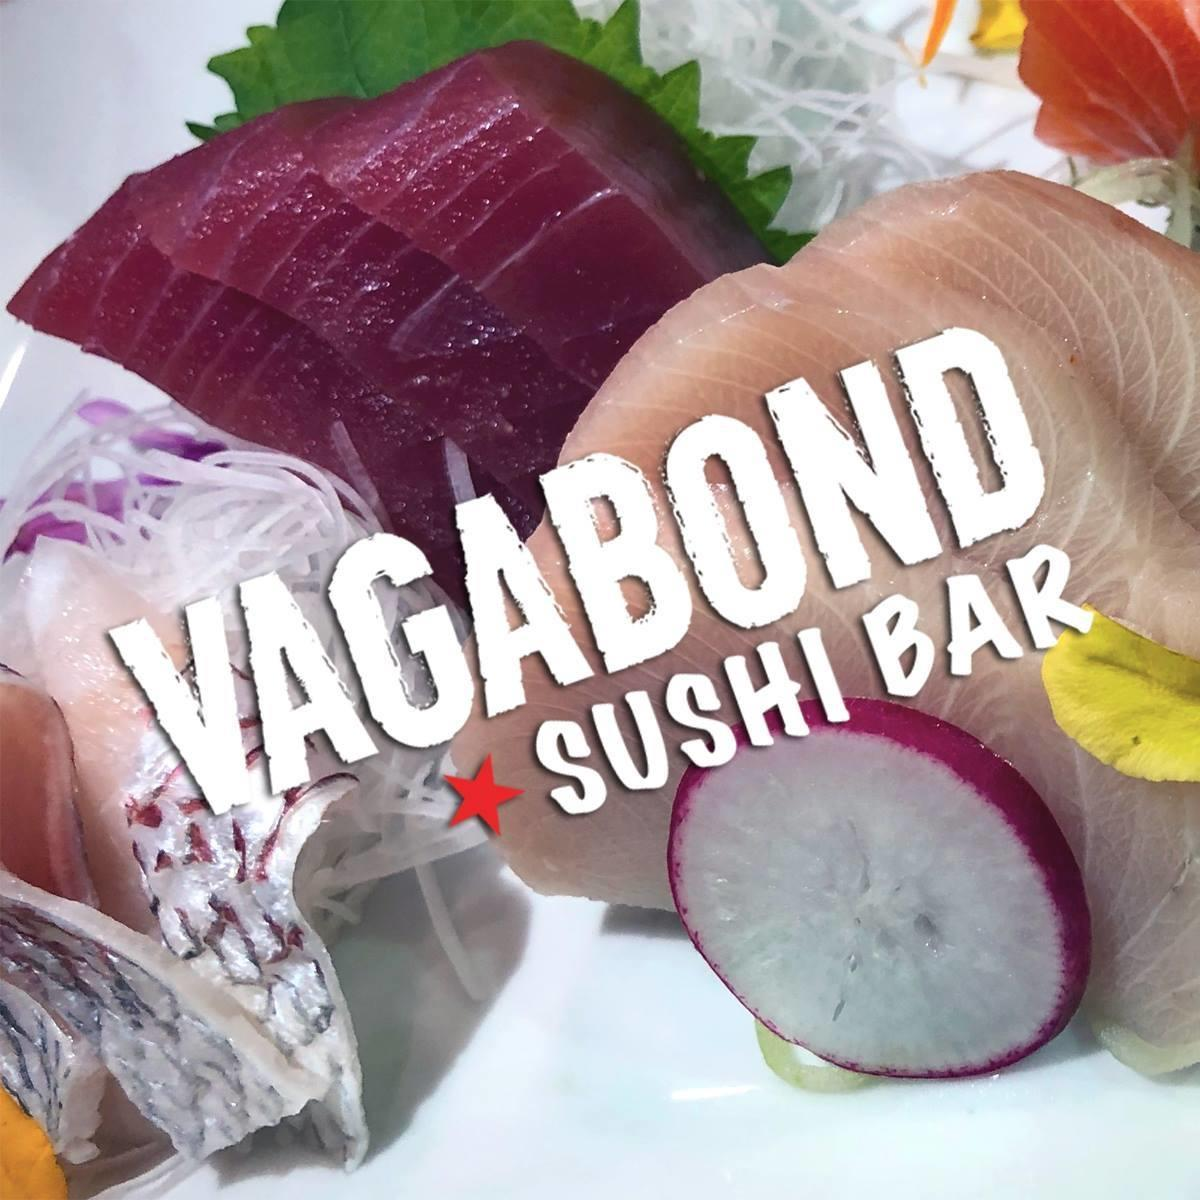 Vagabond Sushi Bar